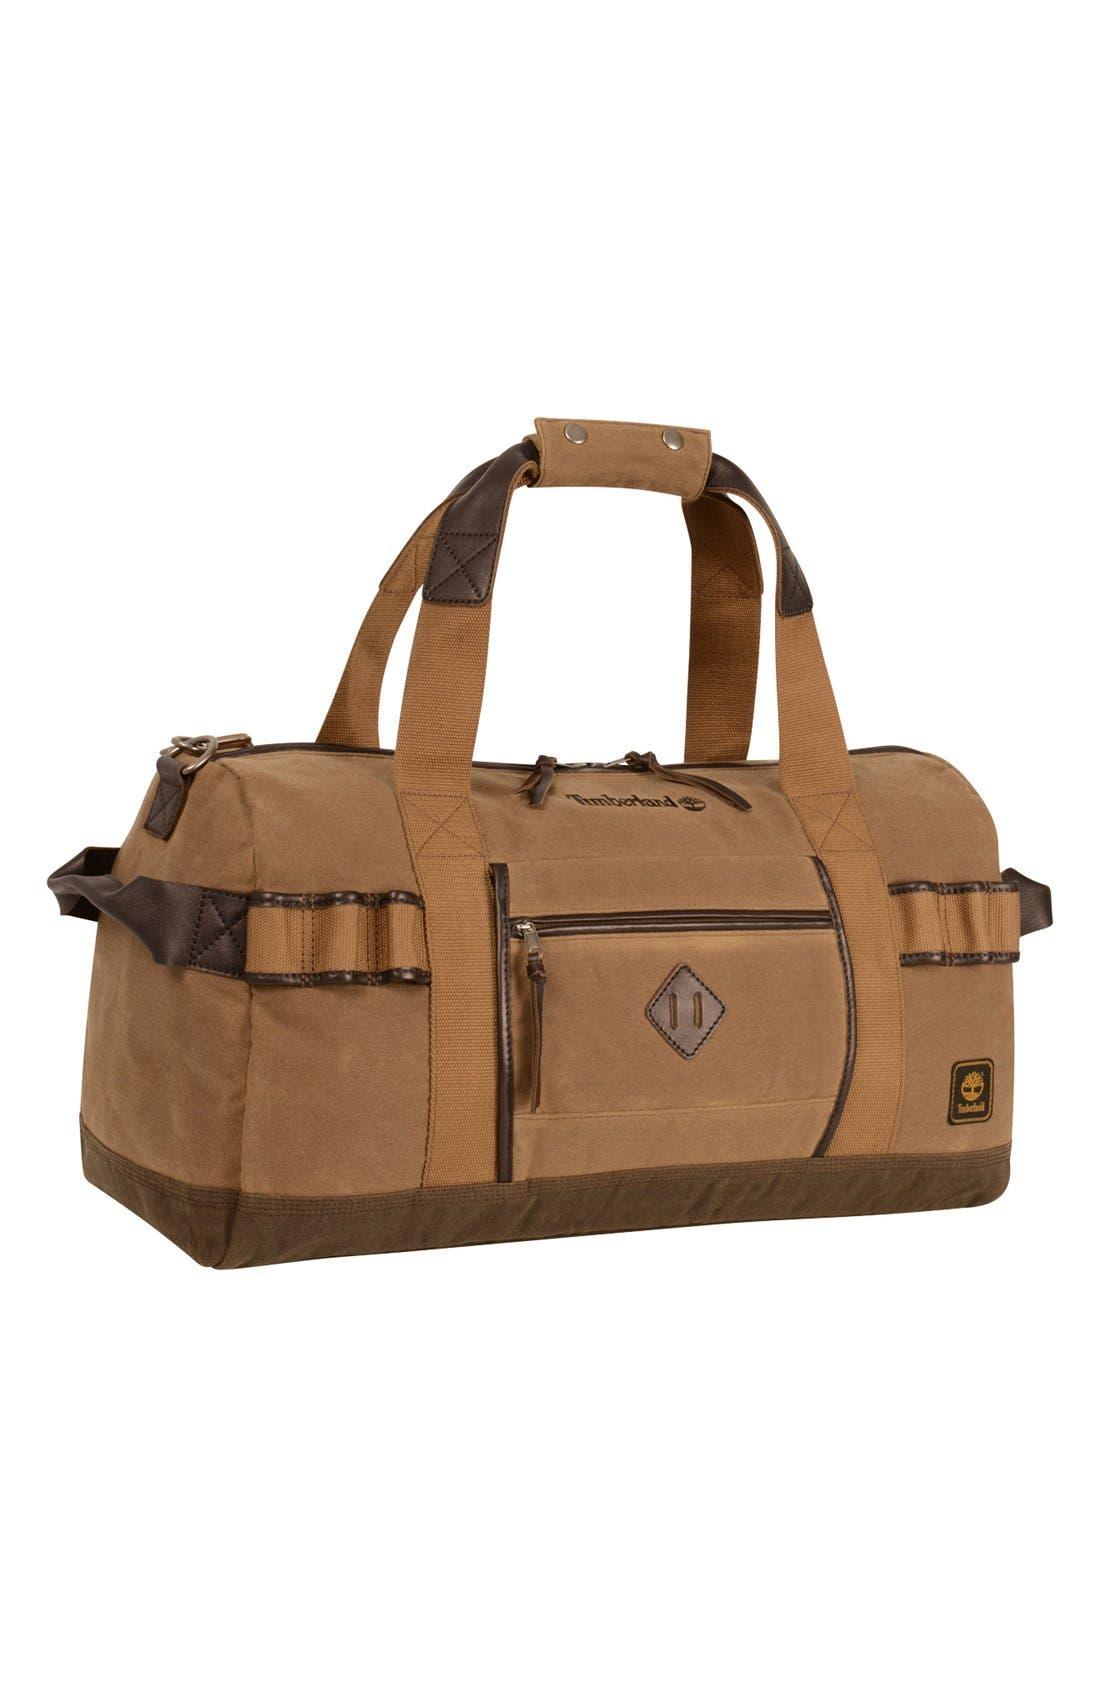 'Madison' Duffel Bag,                             Main thumbnail 1, color,                             Tan/ Brown